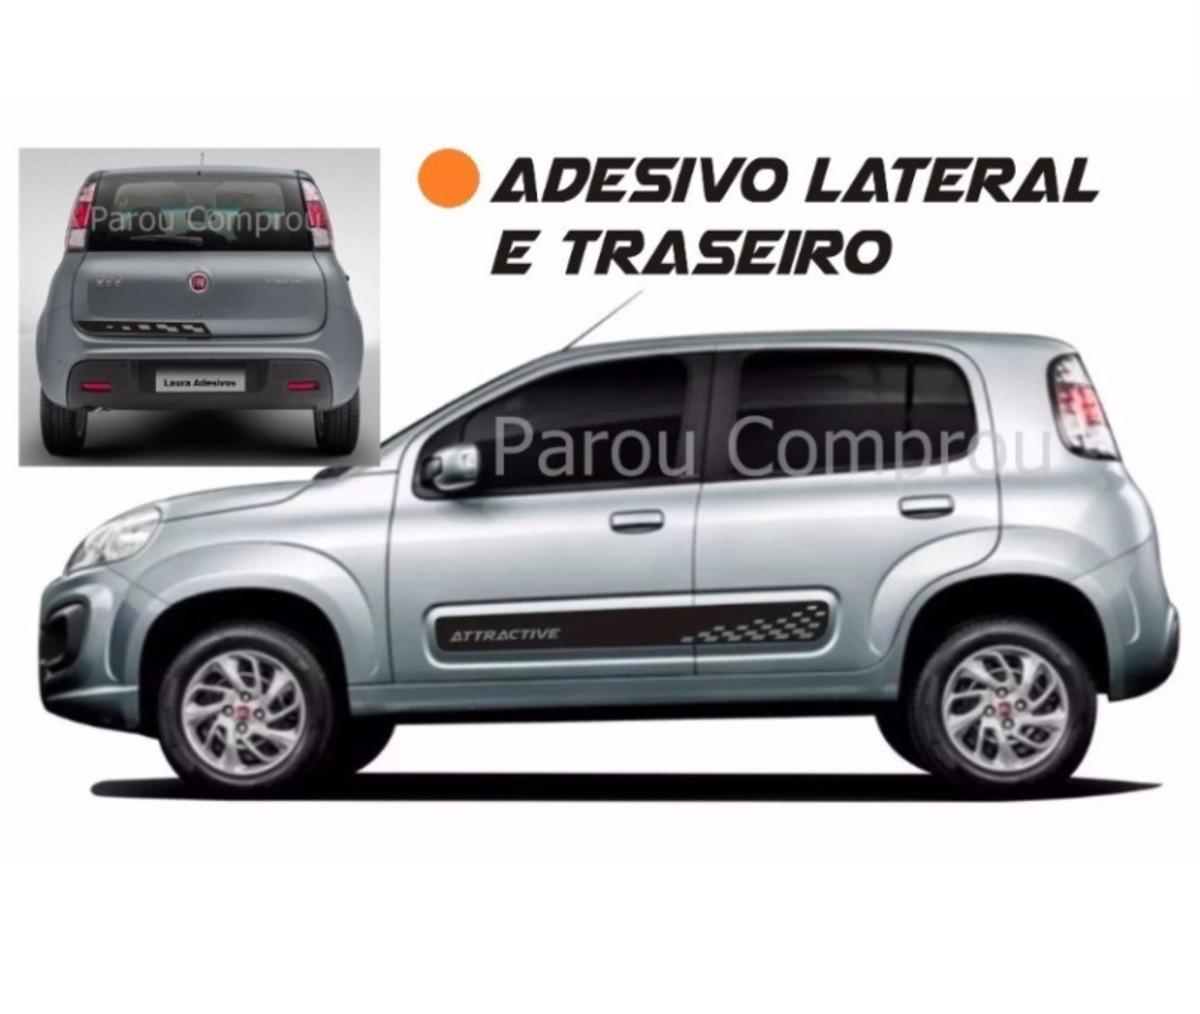 fc75da23d Adesivo Lateral Novo Uno Sttractive e Traseira Faixa Fita no Elo7 ...